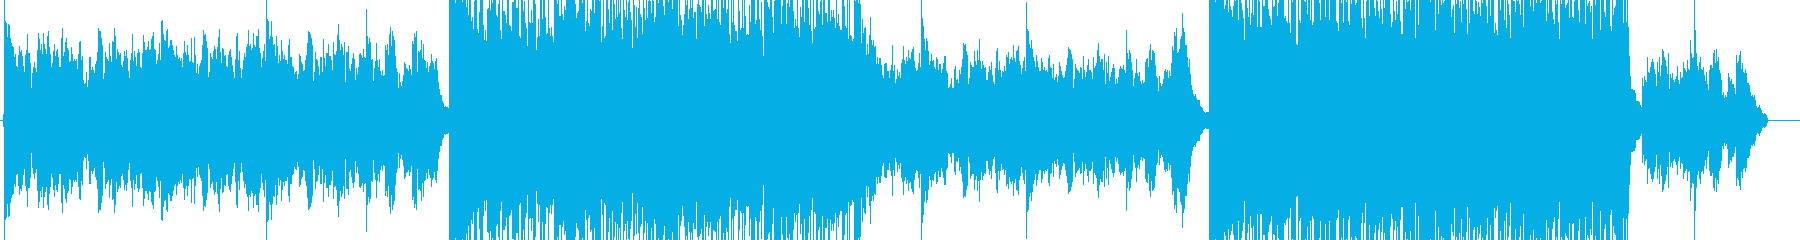 地球を感じる雄大なオルタナティブ曲の再生済みの波形